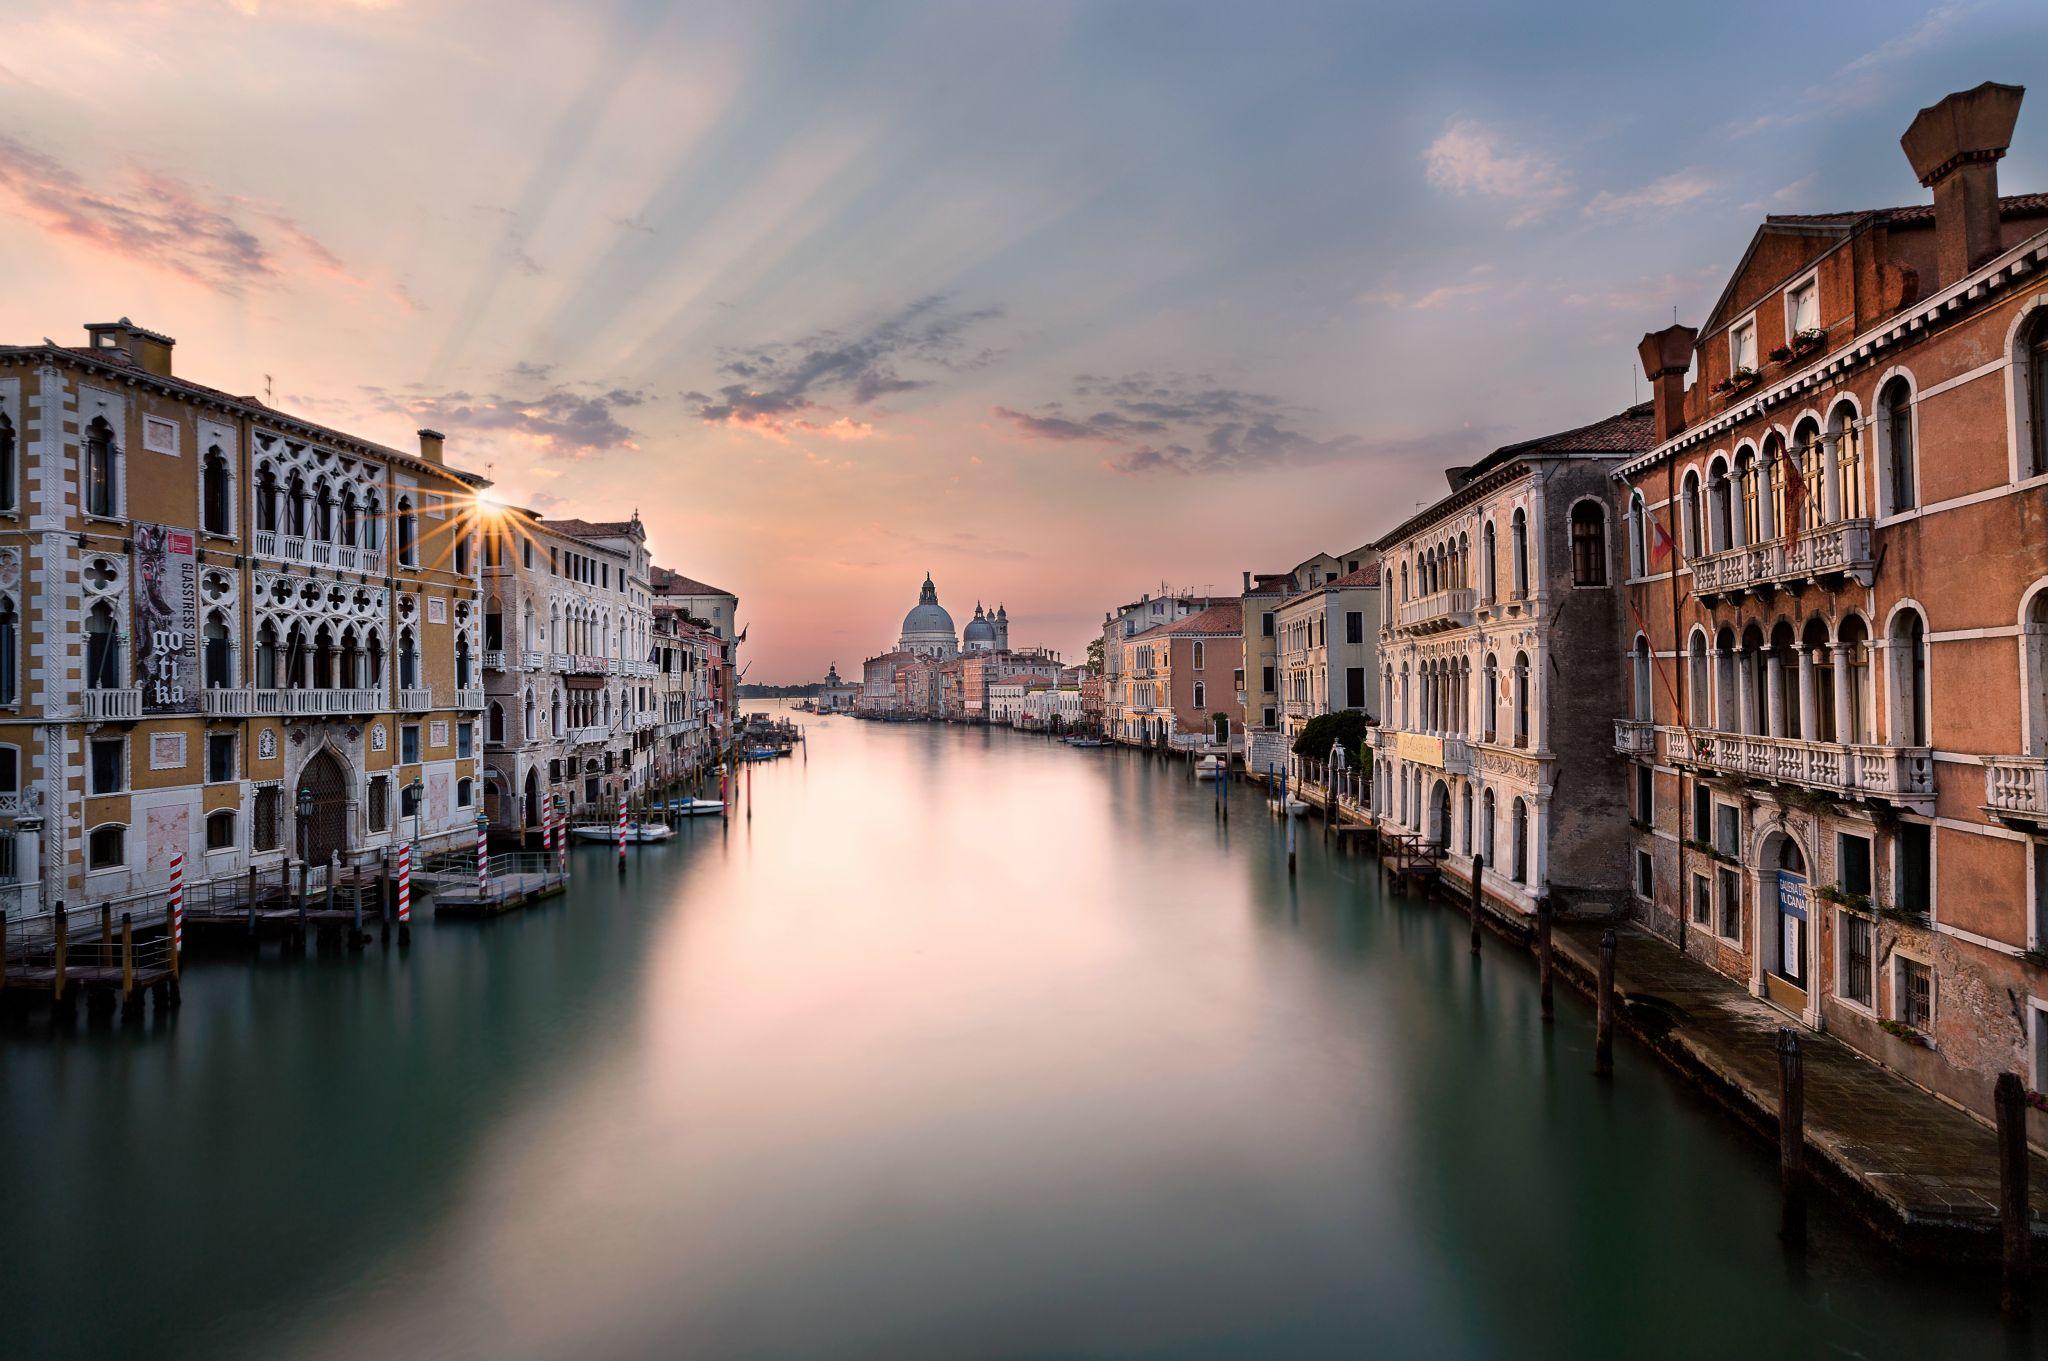 Venice Daybreak, Italy